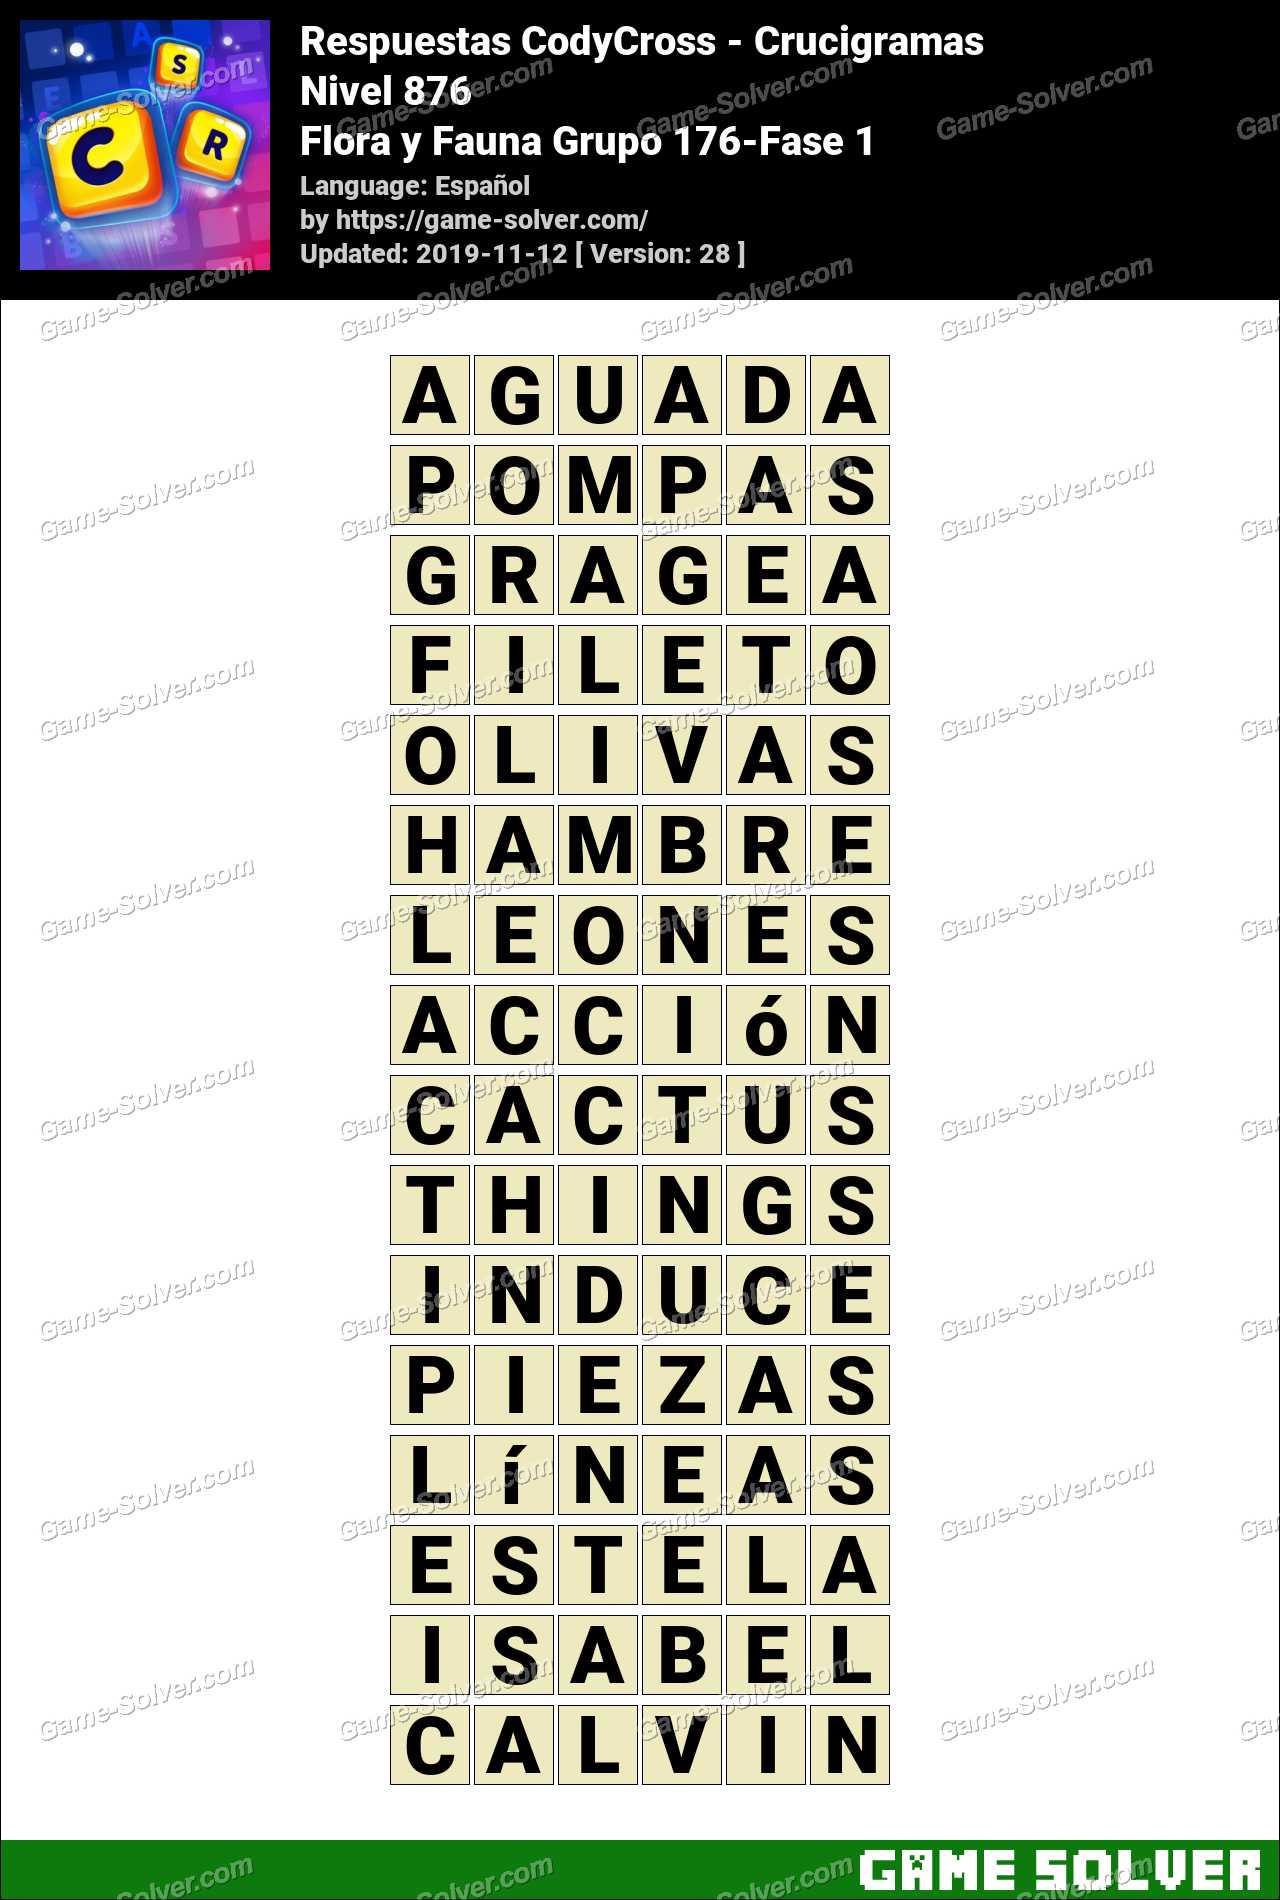 Respuestas CodyCross Flora y Fauna Grupo 176-Fase 1